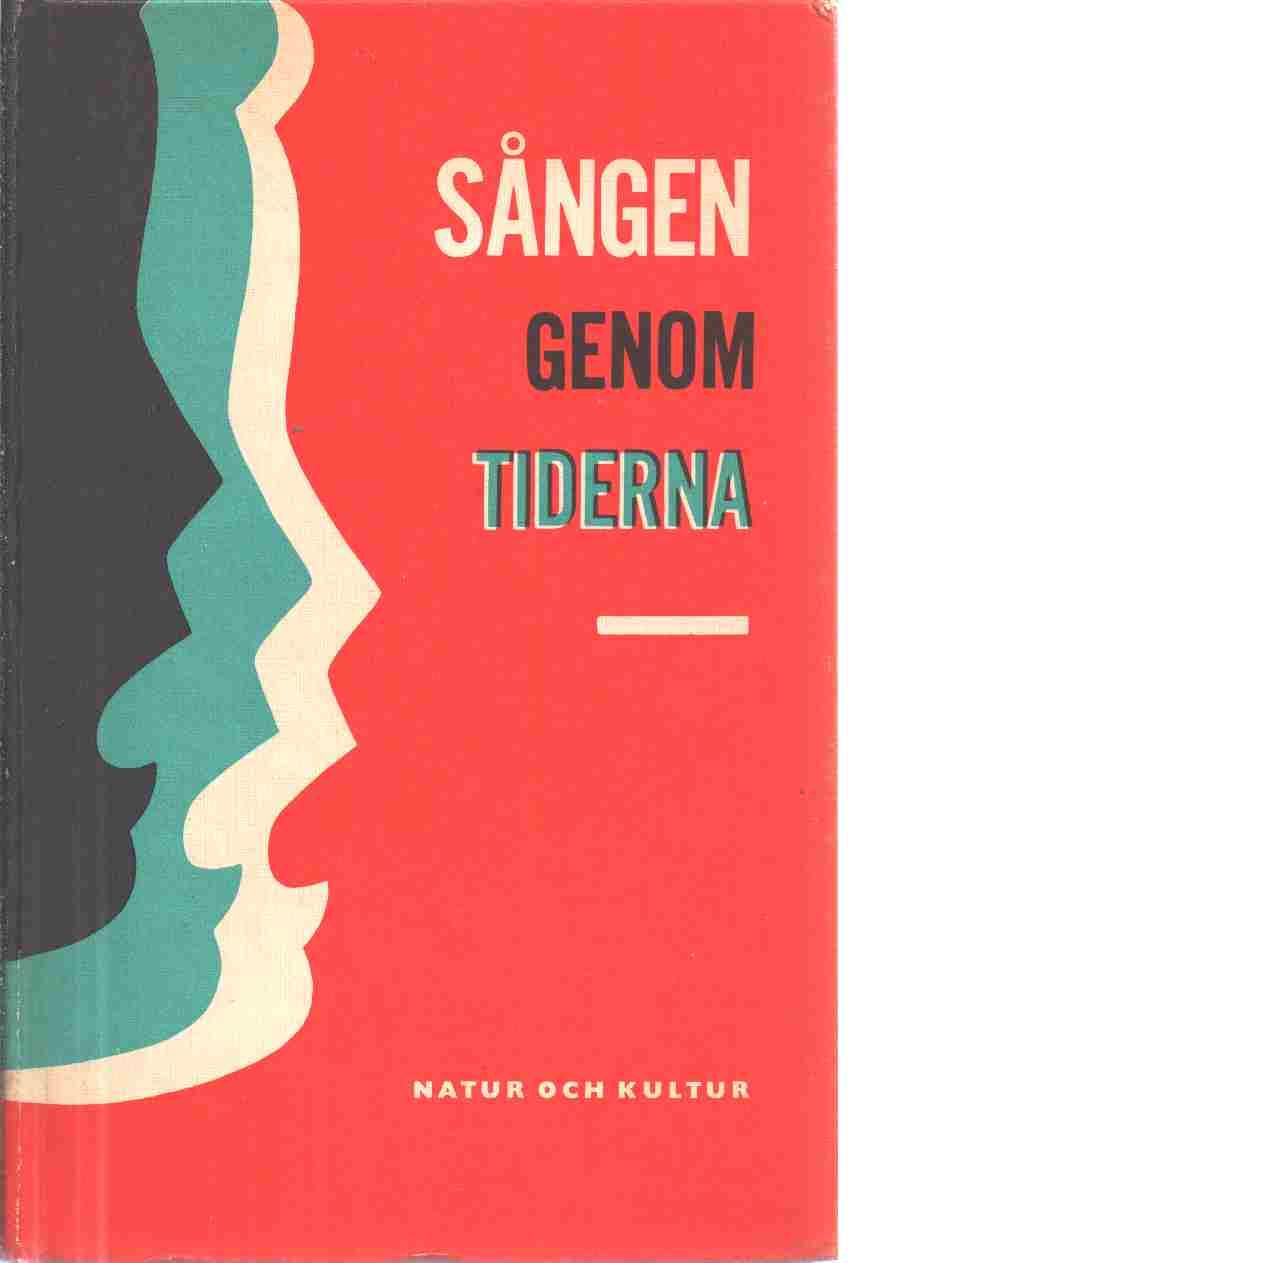 Sången genom tiderna [Musiktryck] : antologi för skolans musikundervisning - Lewander, Tore och Aulin, Arne